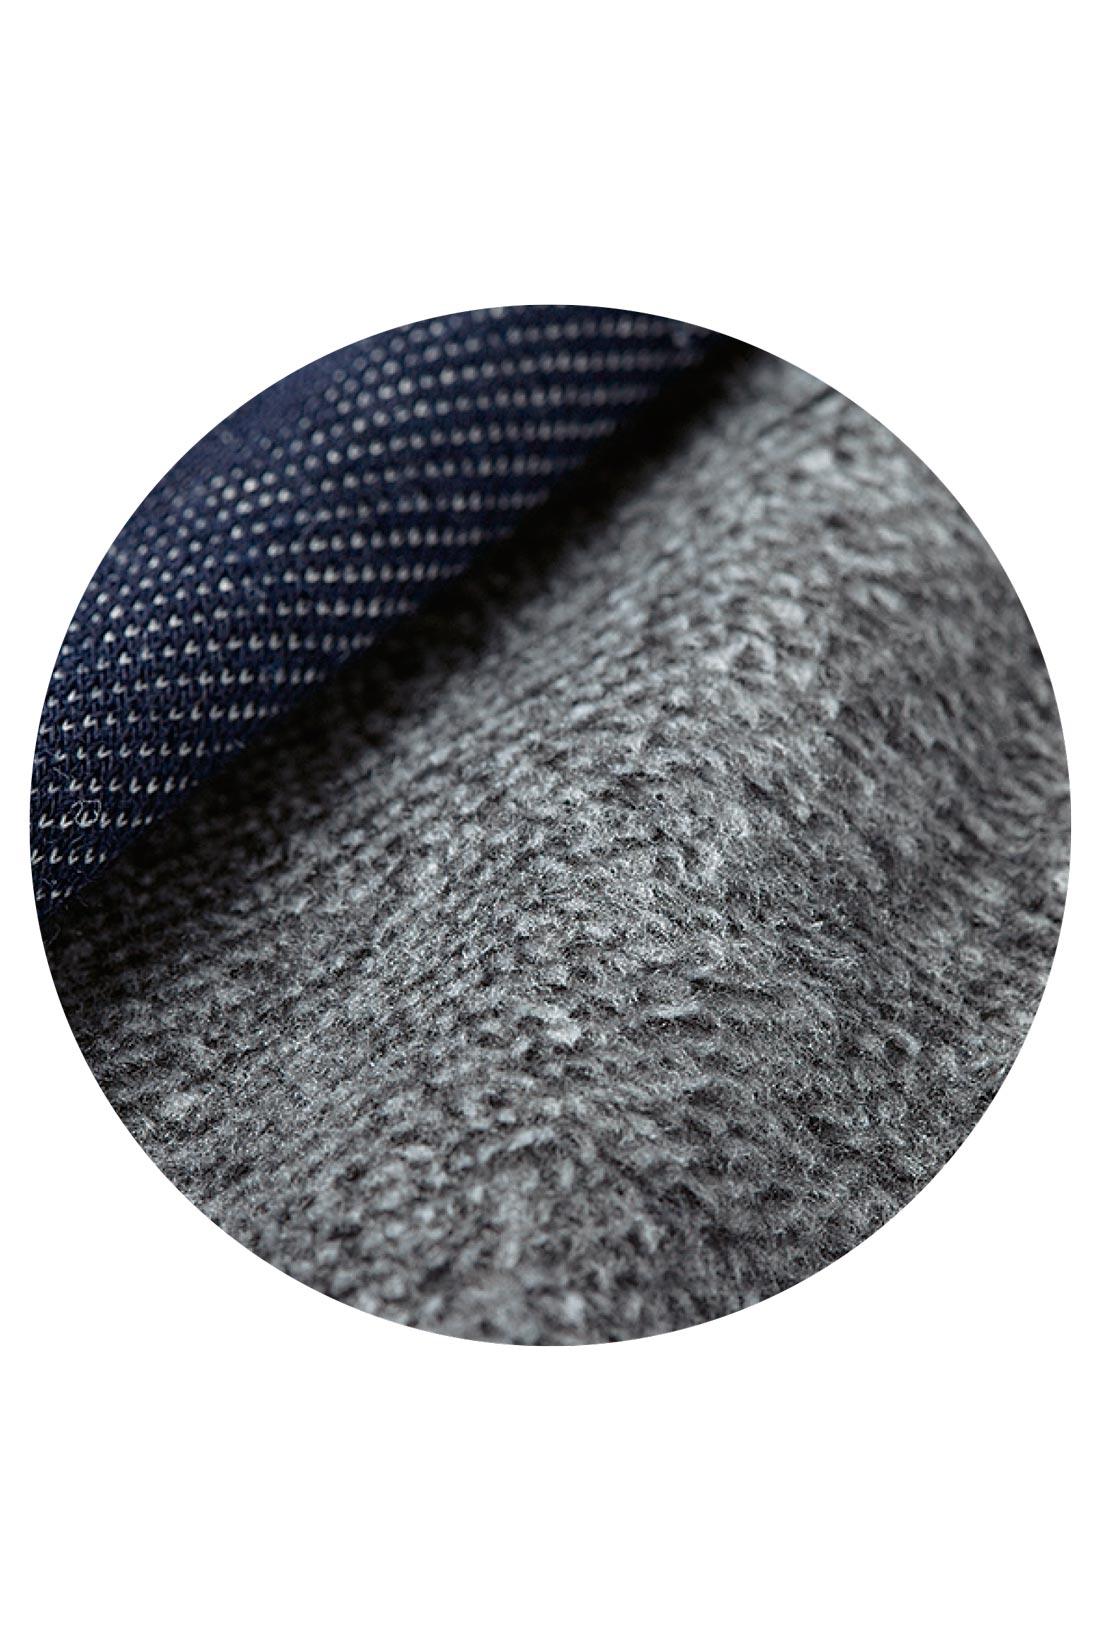 これは参考画像です。シャギーボア